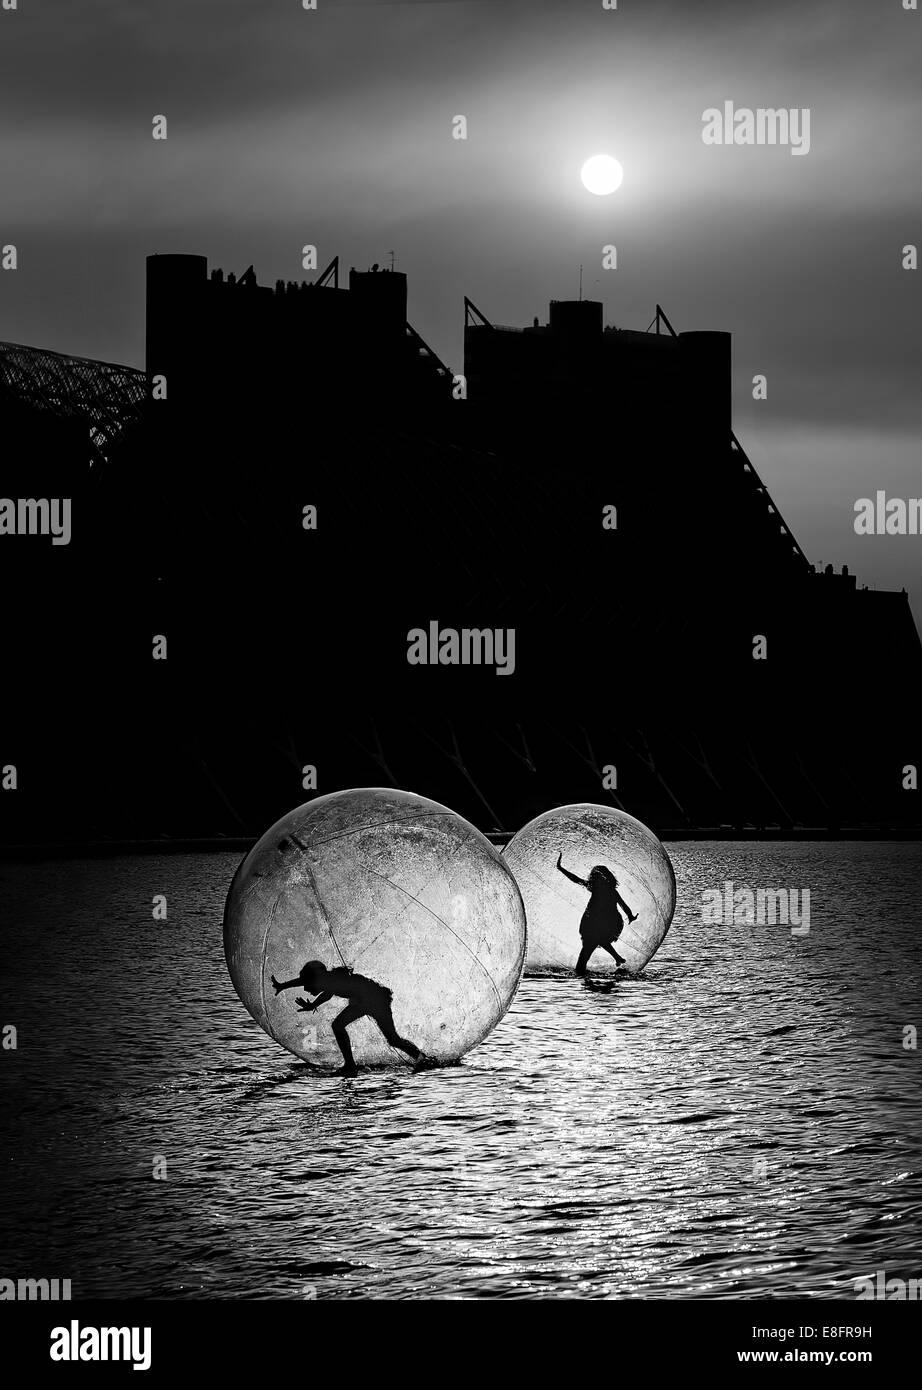 Silueta de dos niños pisando el agua en esferas transparentes Imagen De Stock